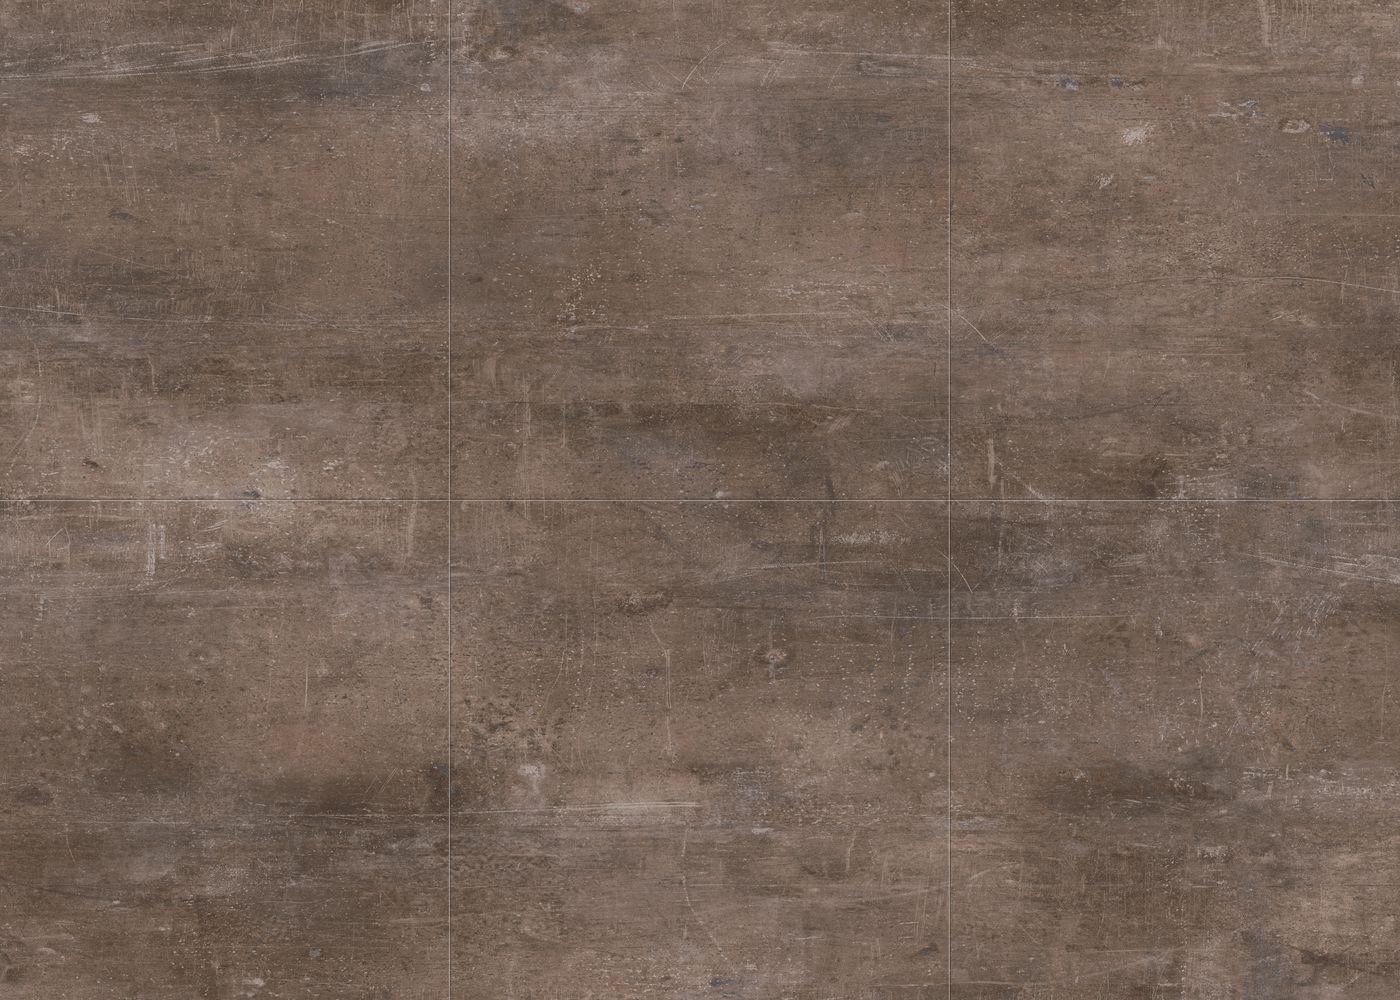 dalles vinyles lvt passage intensif clipsable monolame g zinc m with sol vinyle passage intensif. Black Bedroom Furniture Sets. Home Design Ideas